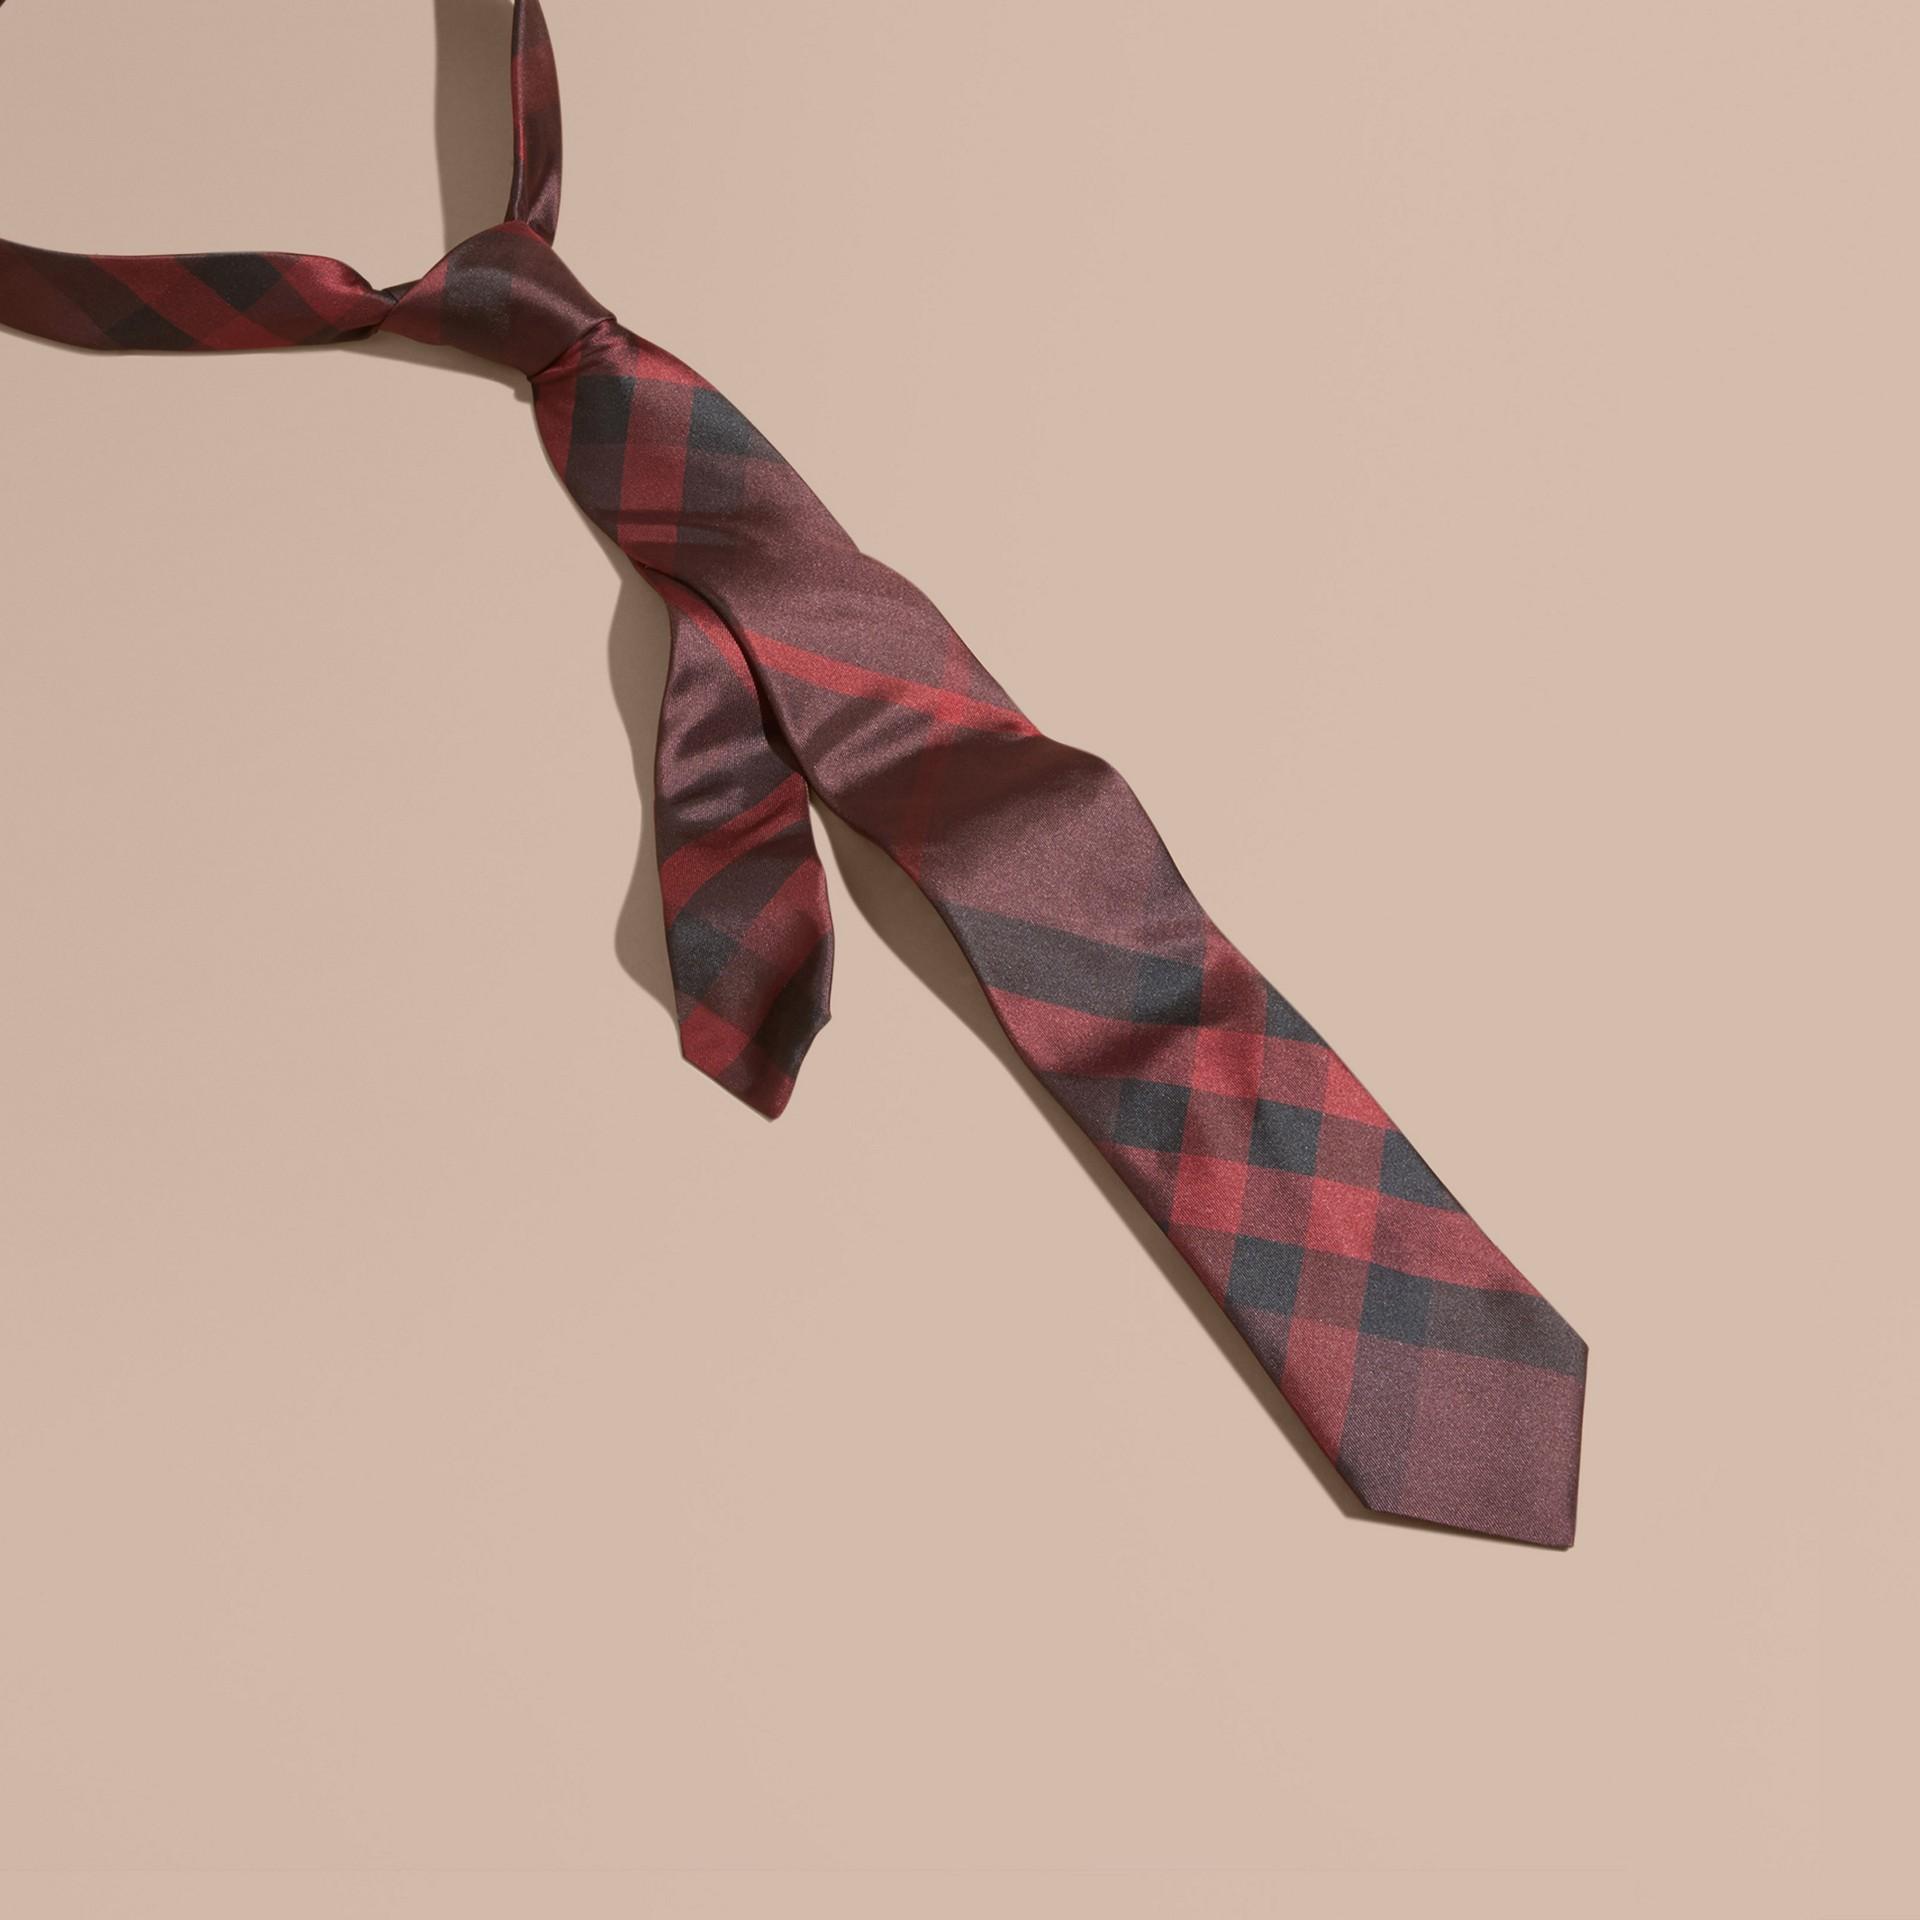 Rosso violetto intenso Cravatta dal taglio moderno in seta con motivo check Rosso Violetto Intenso - immagine della galleria 1